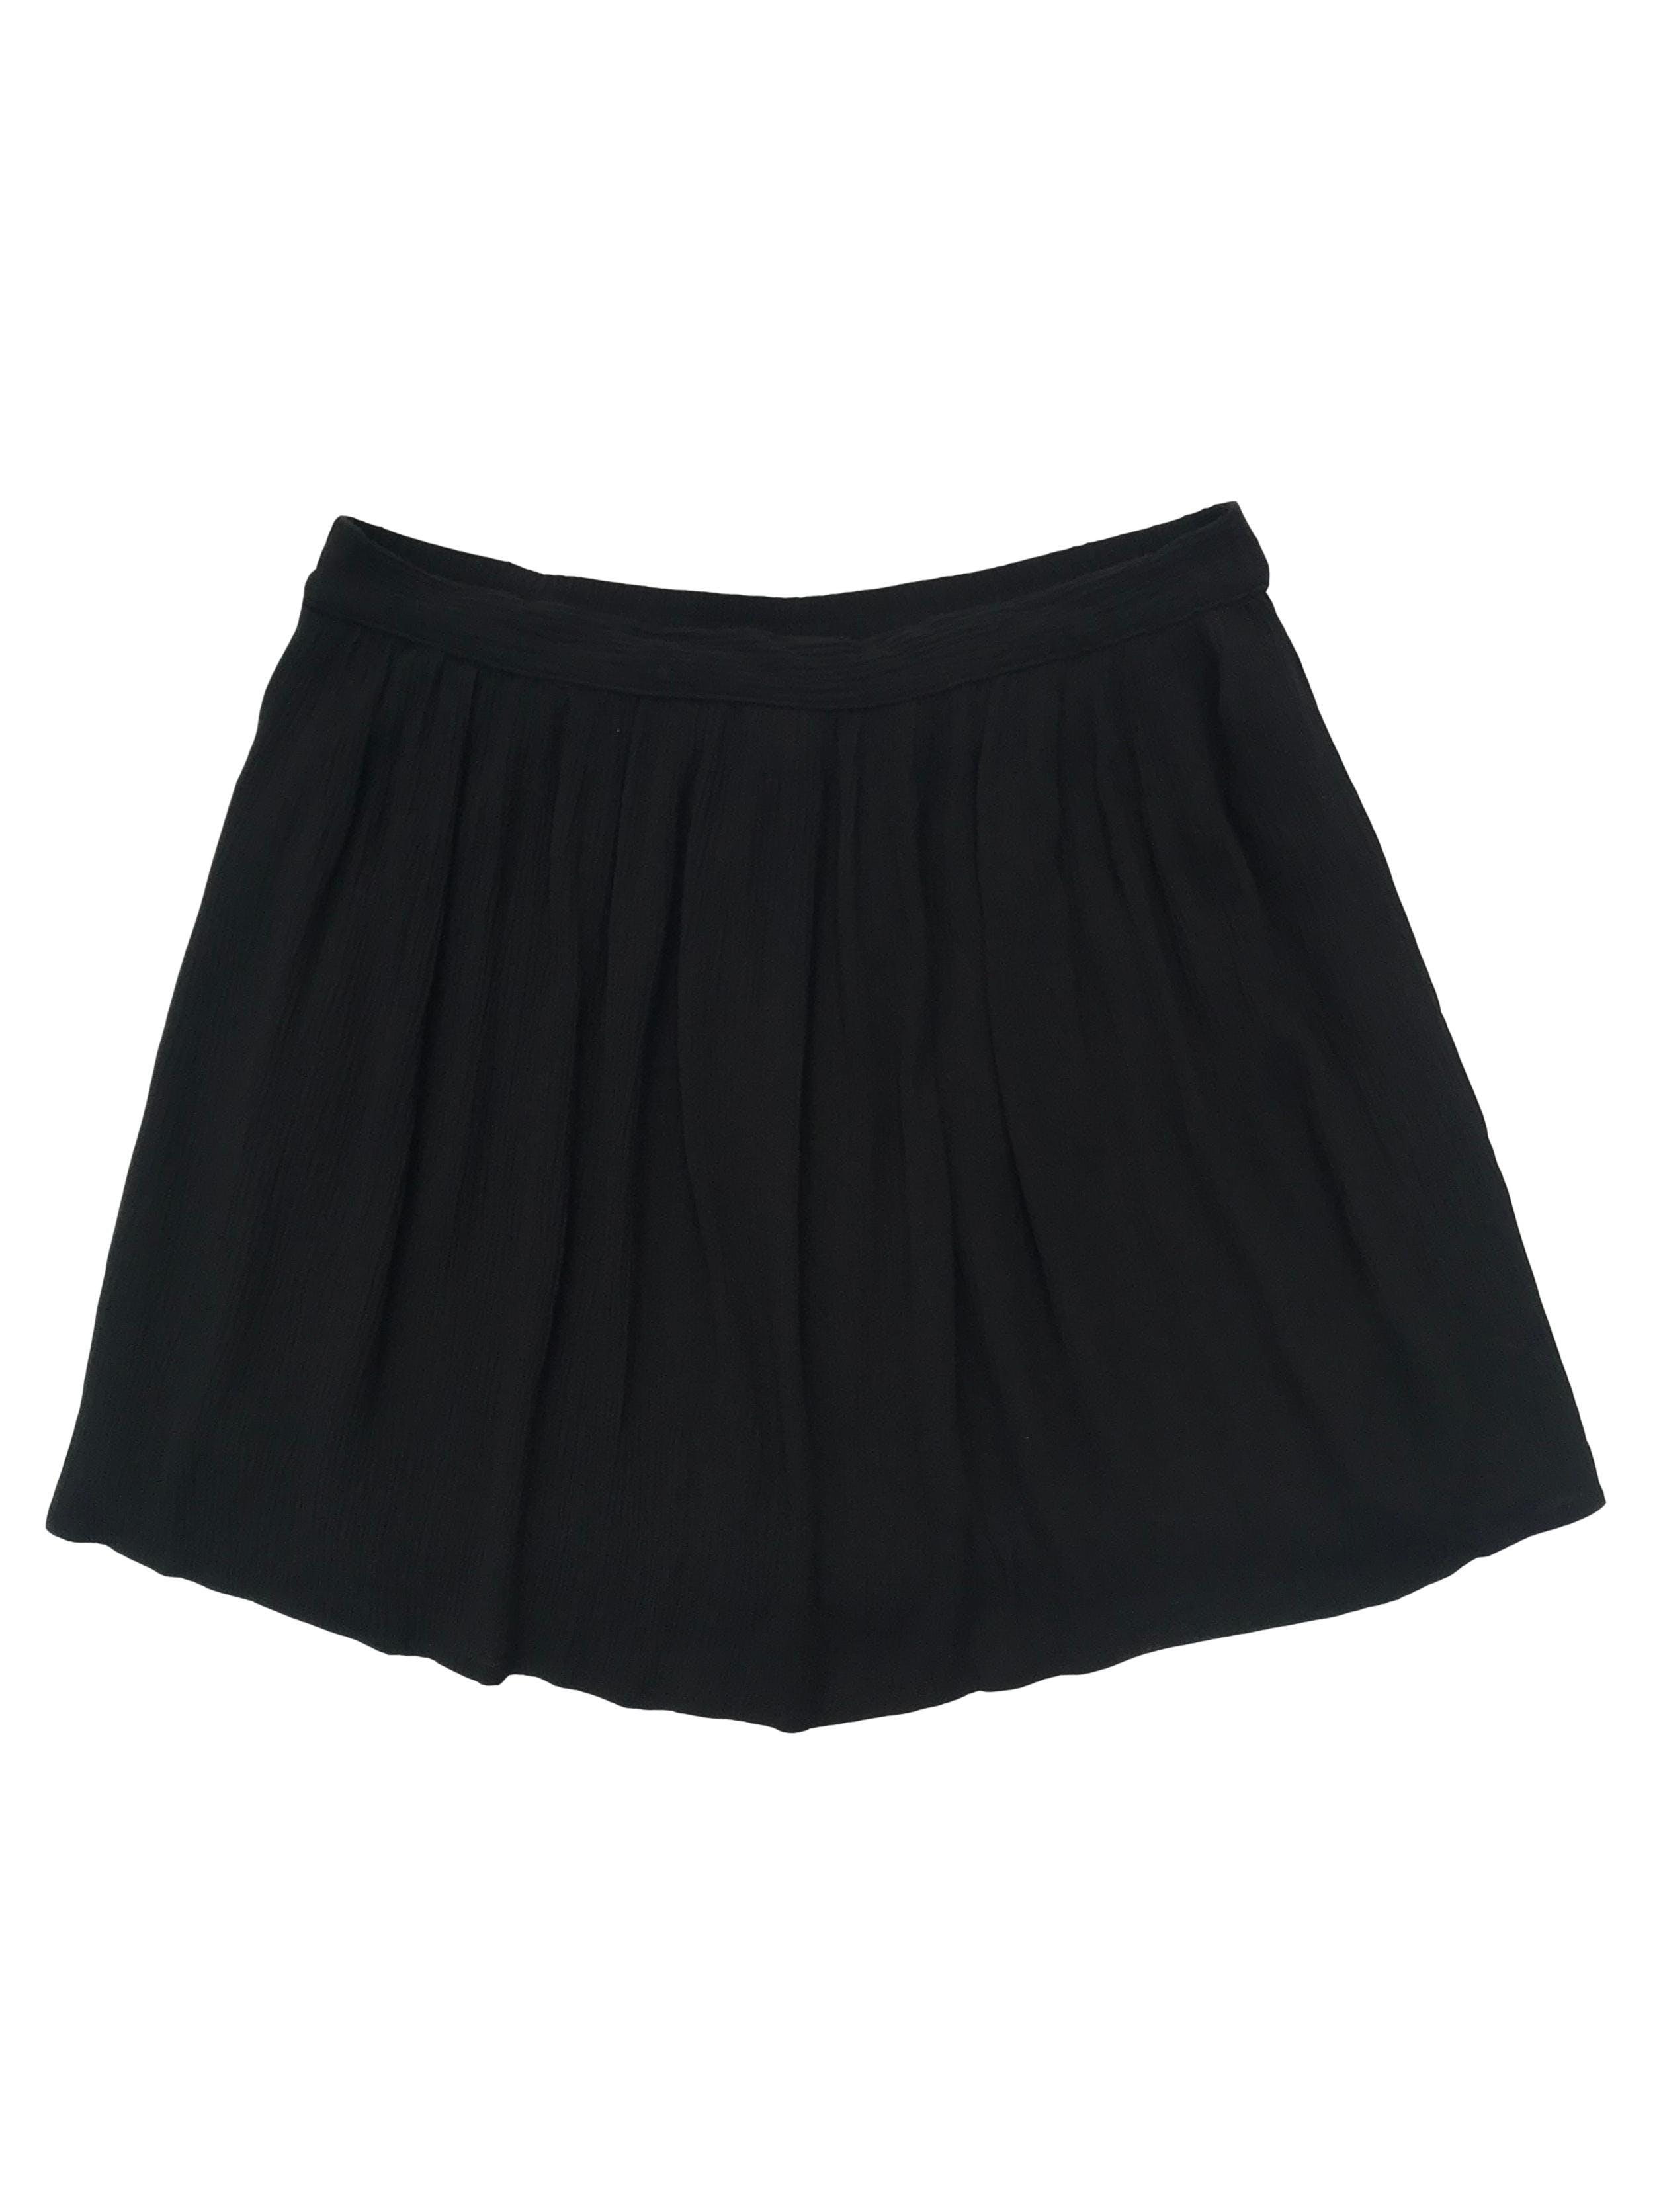 Falda  Forever 21 tela fresca negra texturada, lleva forro y elástico posterior en la pretina. Cintura 78cm sin estirar Largo 40cm